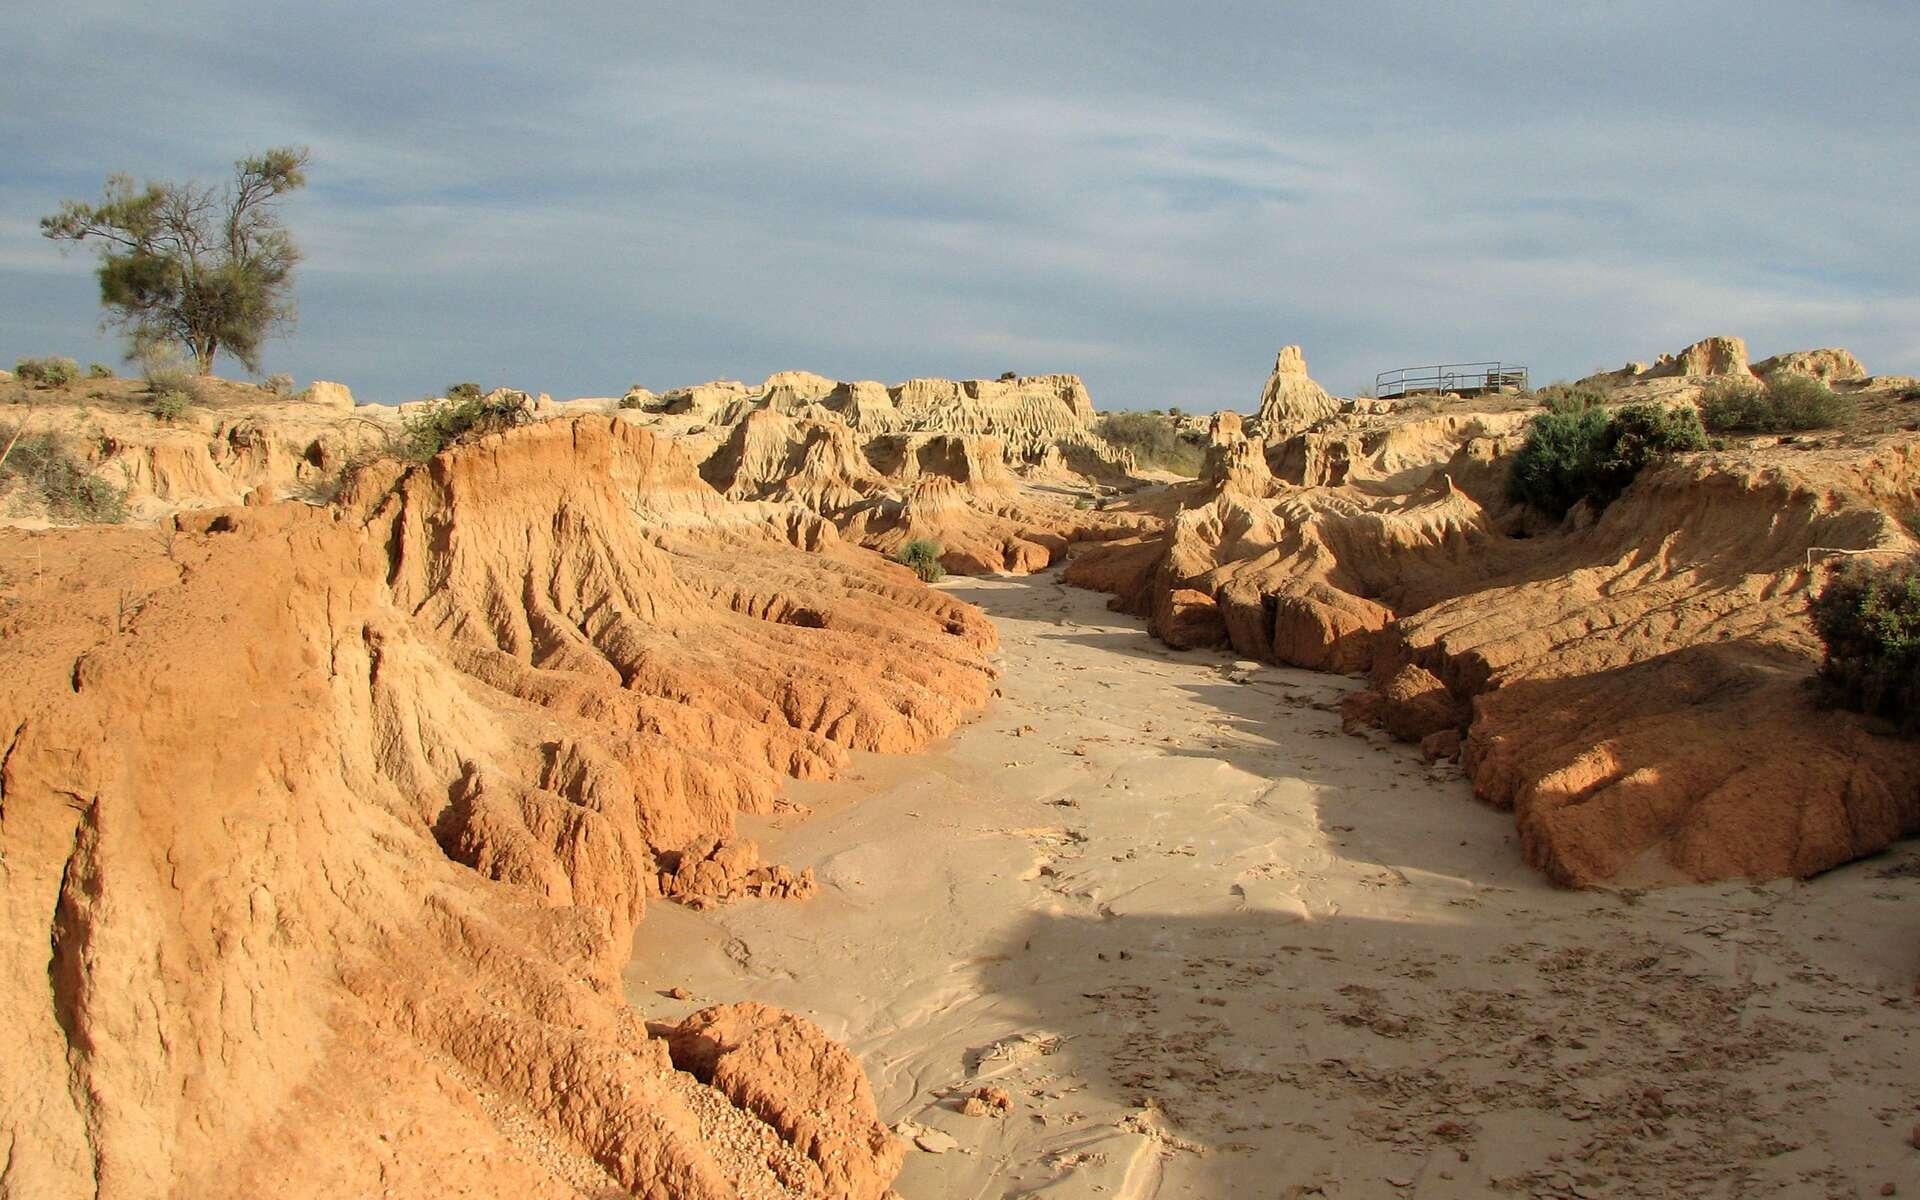 Les épisodes de sécheresse en Australie sont liés aux phases positives du dipôle de l'océan Indien. Sur ces trente dernières années, 11 événements se sont produits. De plus en plus d'études convergent vers une augmentation de la fréquence de ces phases positives du dipôle. Le parc national du Mungo, au nord de Melbourne (ici en photo) est le premier à en subir les conséquences. © jcolman, Flickr, cc by nc nd 2.0